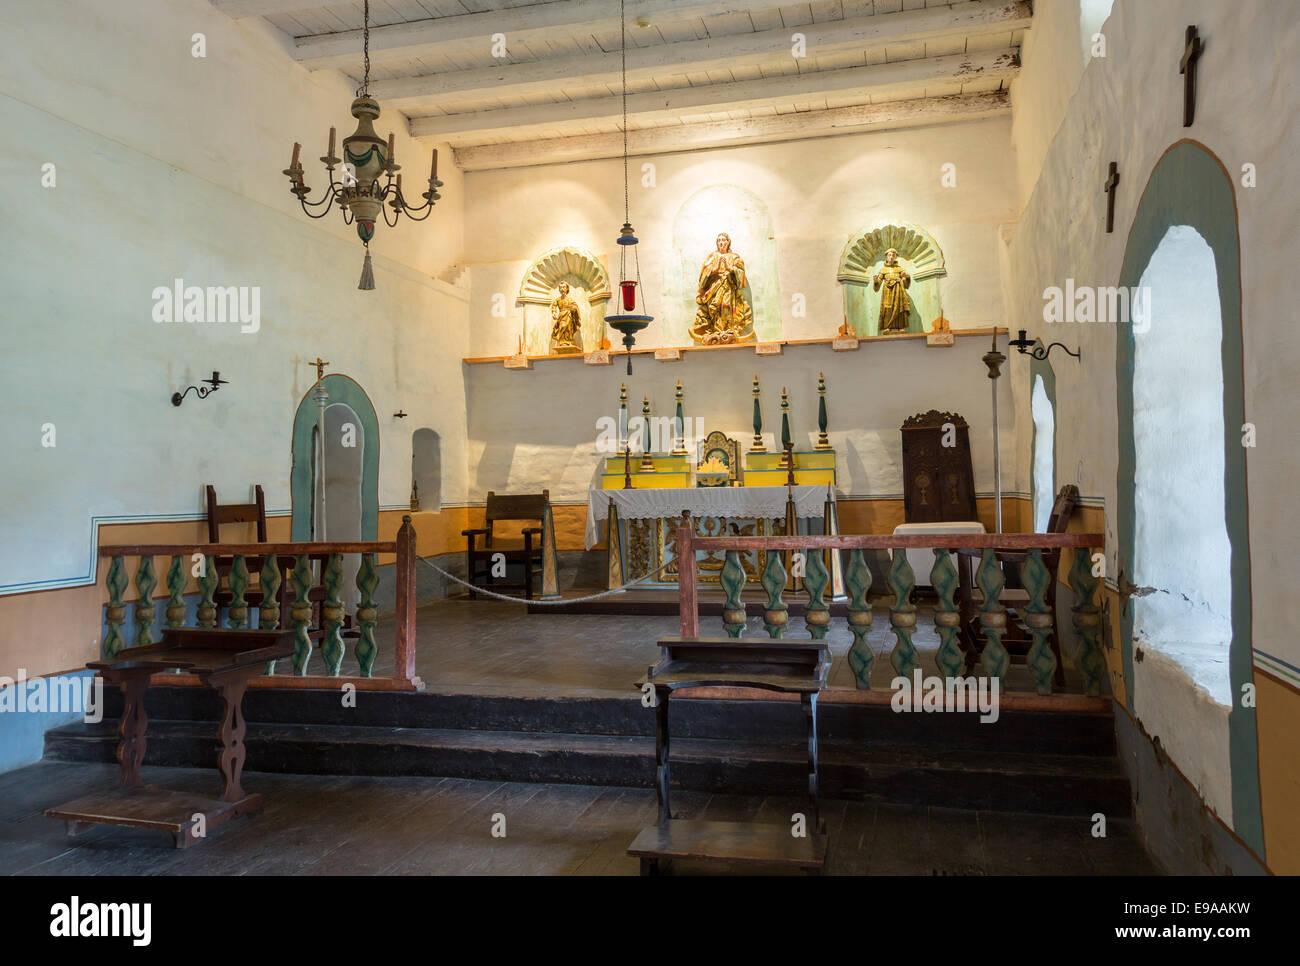 La Purisima Conception mission CA - Stock Image